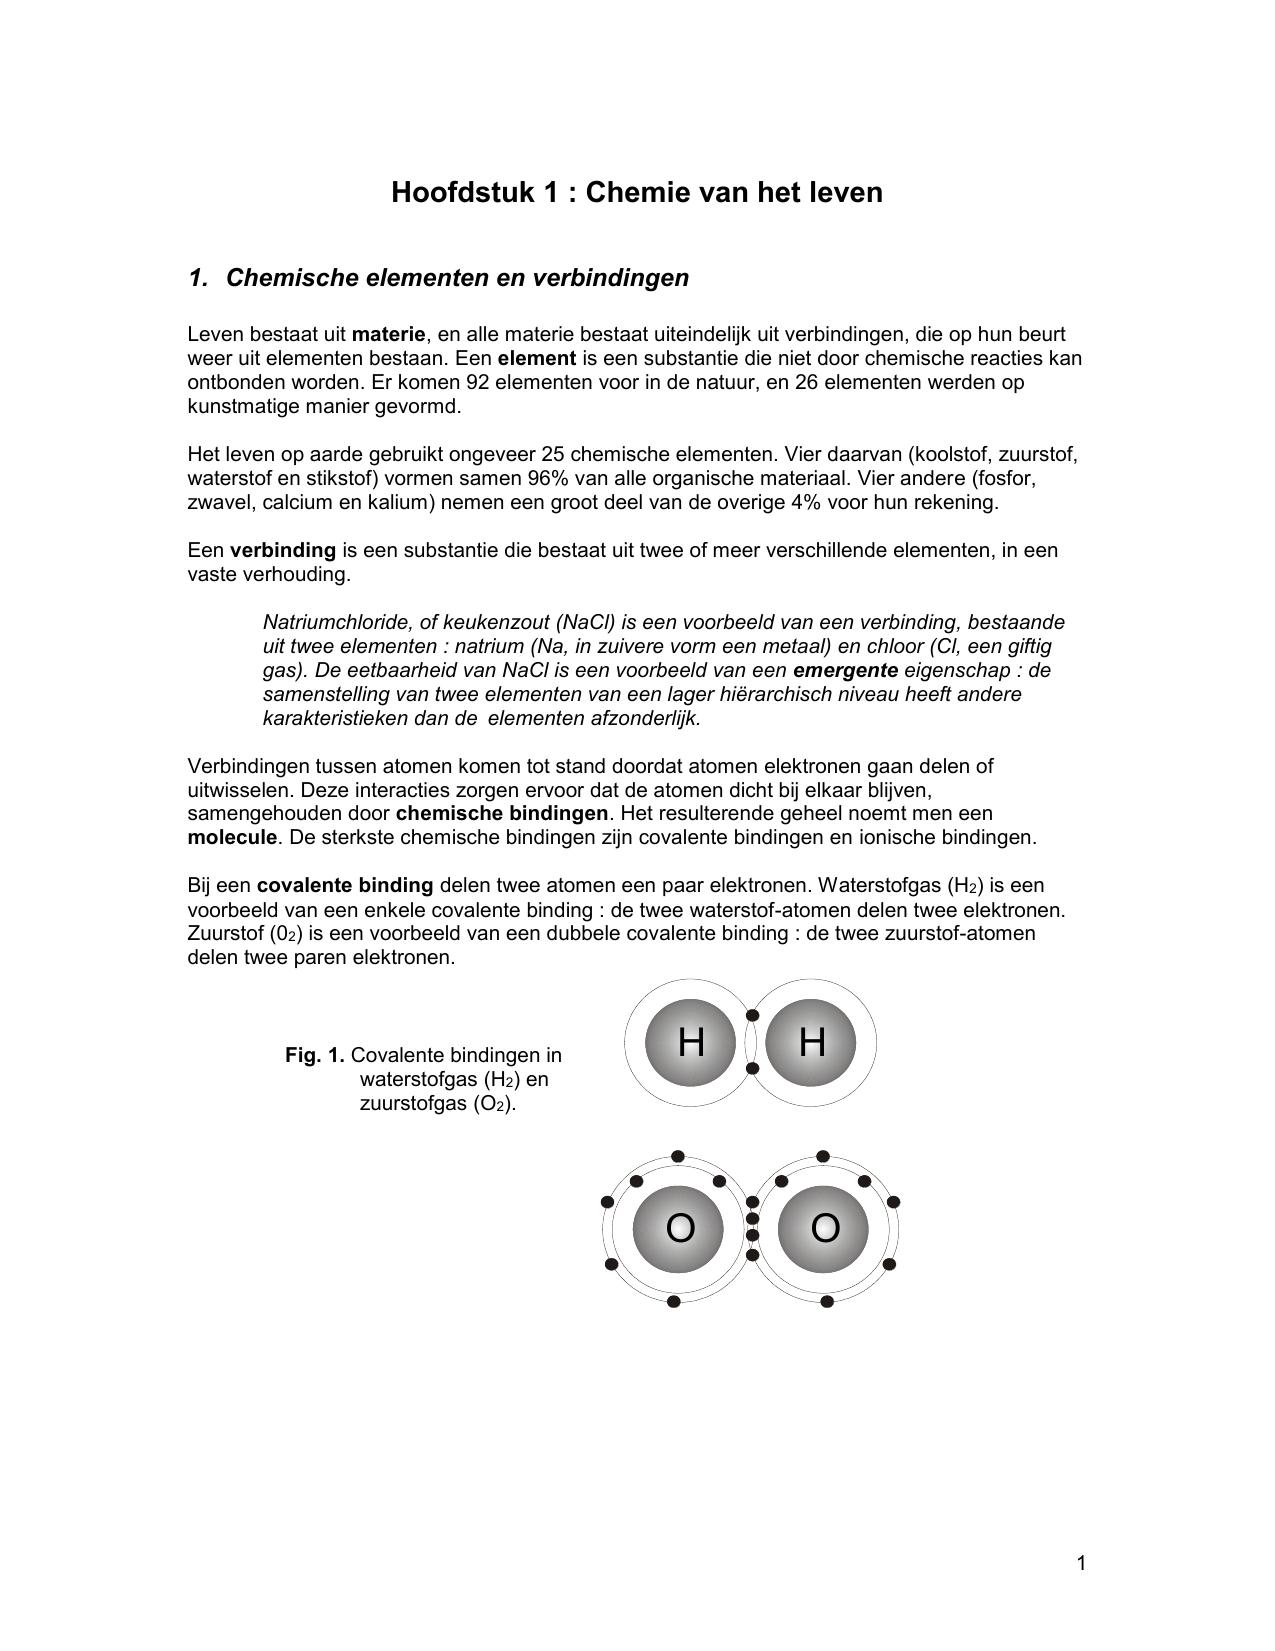 Les 1 Chemie Van Het Leven